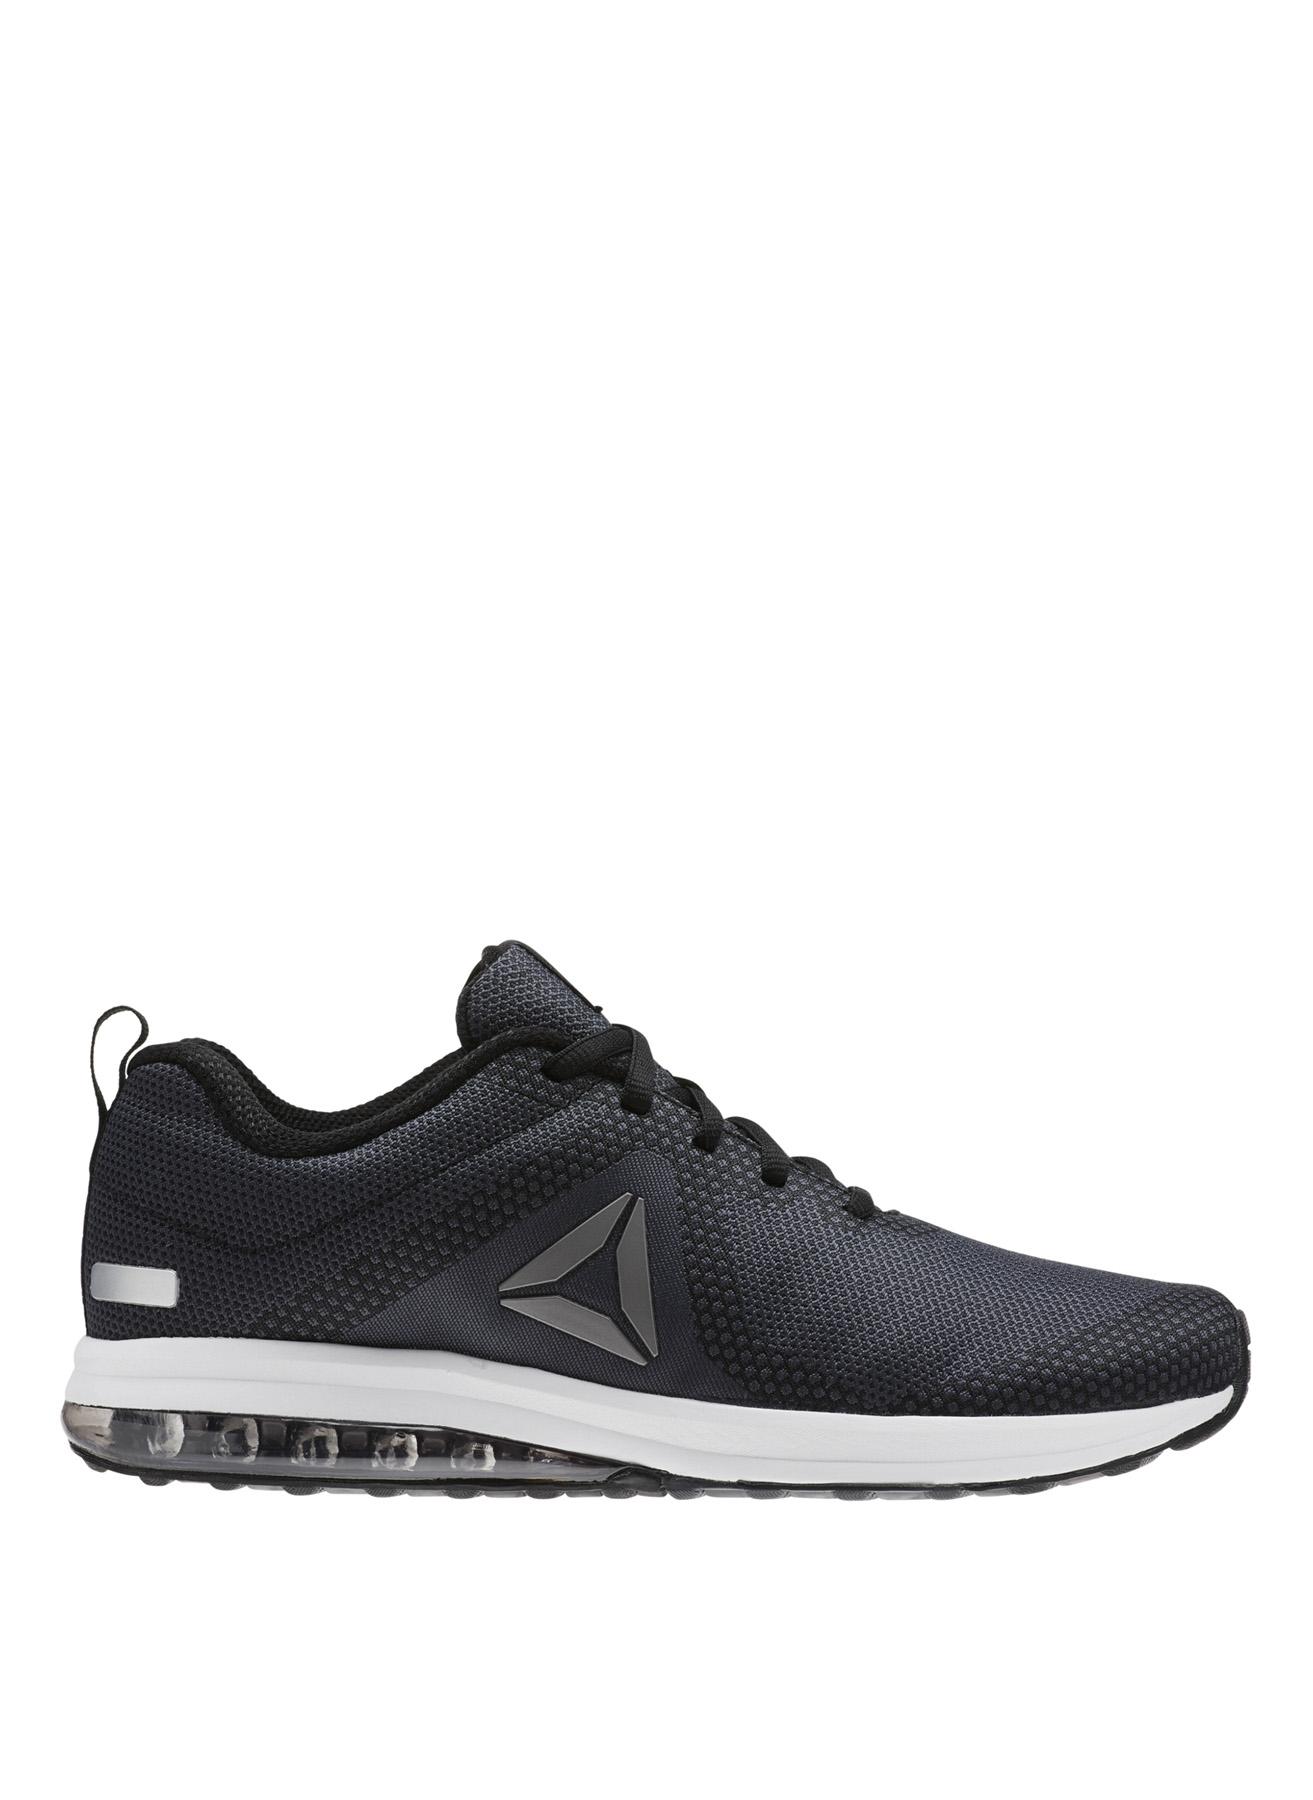 Reebok Jet Dashride 6.0 Koşu Ayakkabısı 40 5001633327001 Ürün Resmi